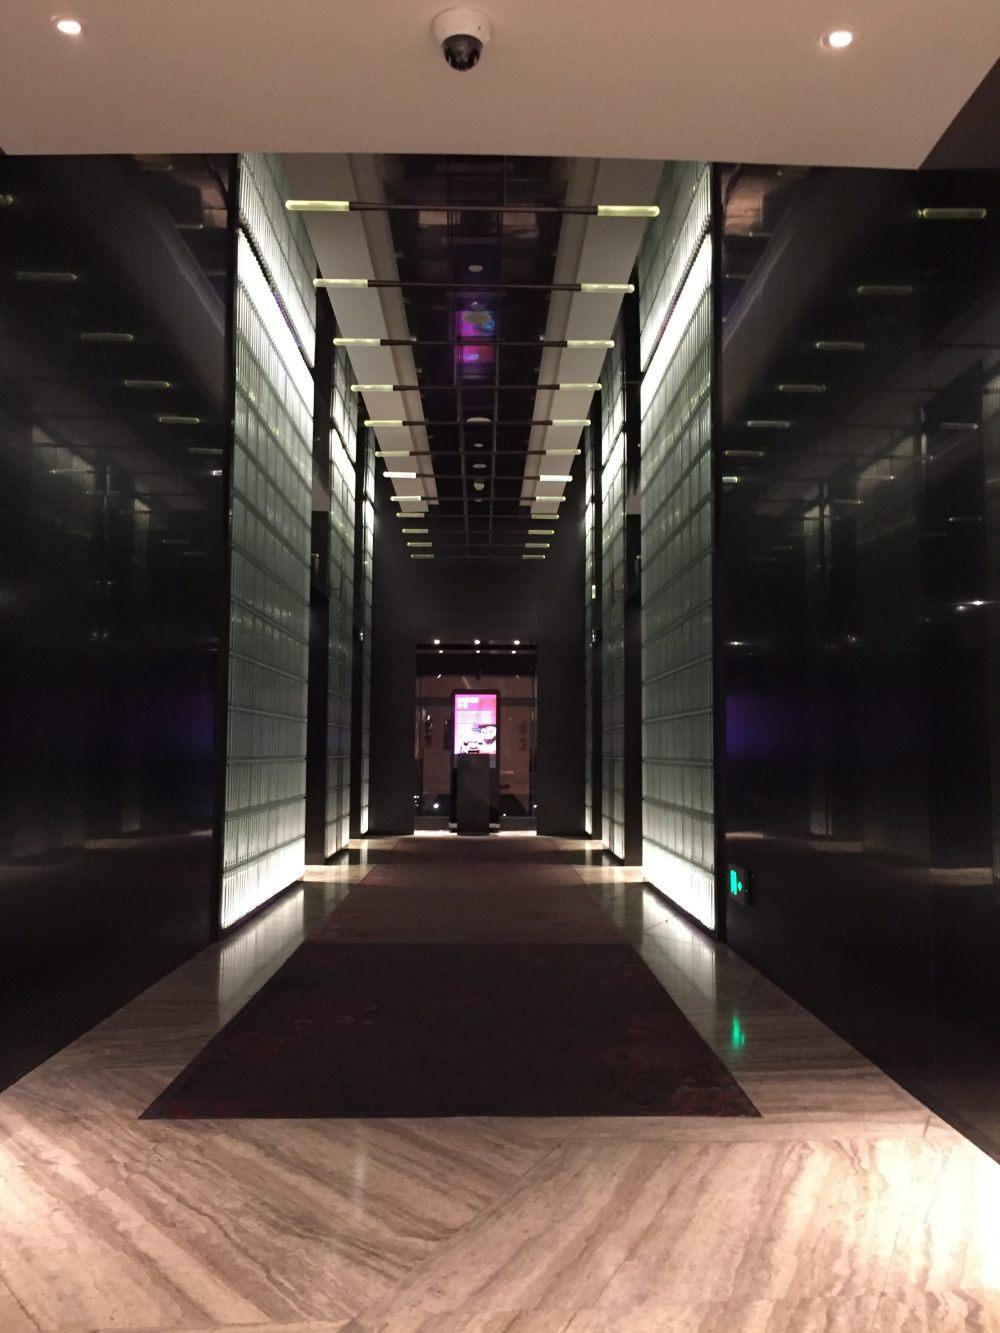 上海外滩W酒店,史上最全入住体验 自拍分享,申请置...._IMG_6215.JPG